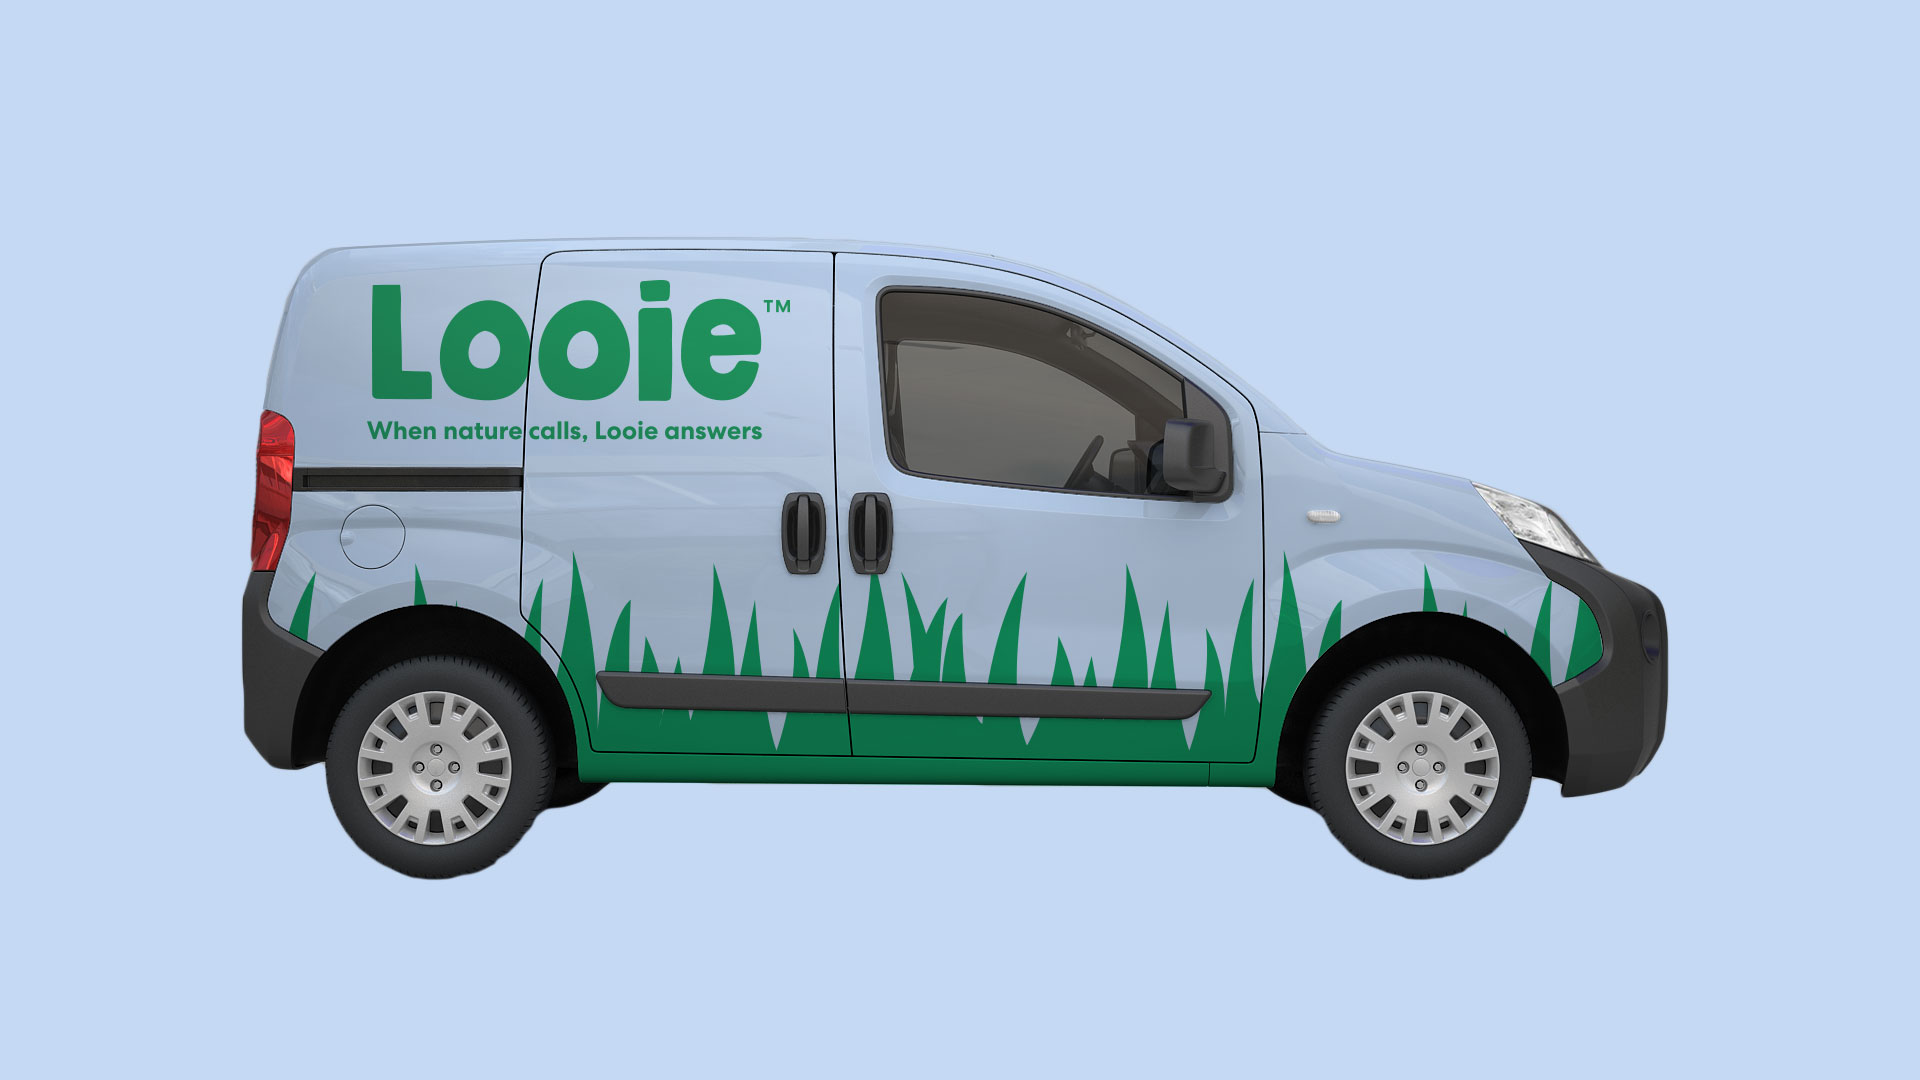 looie branding